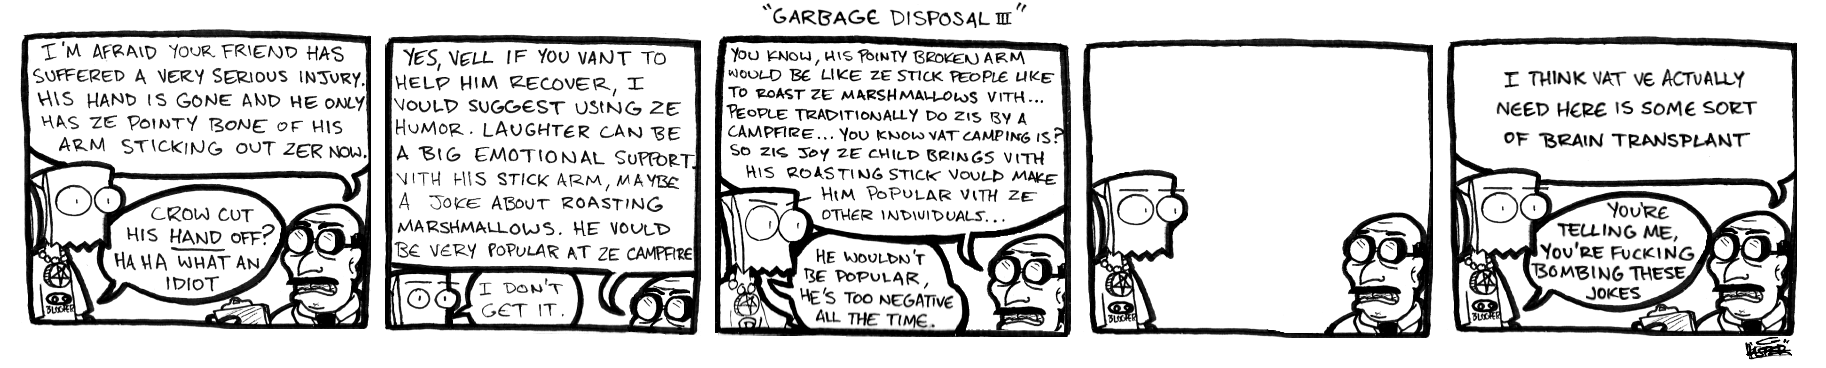 Garbage Disposal III